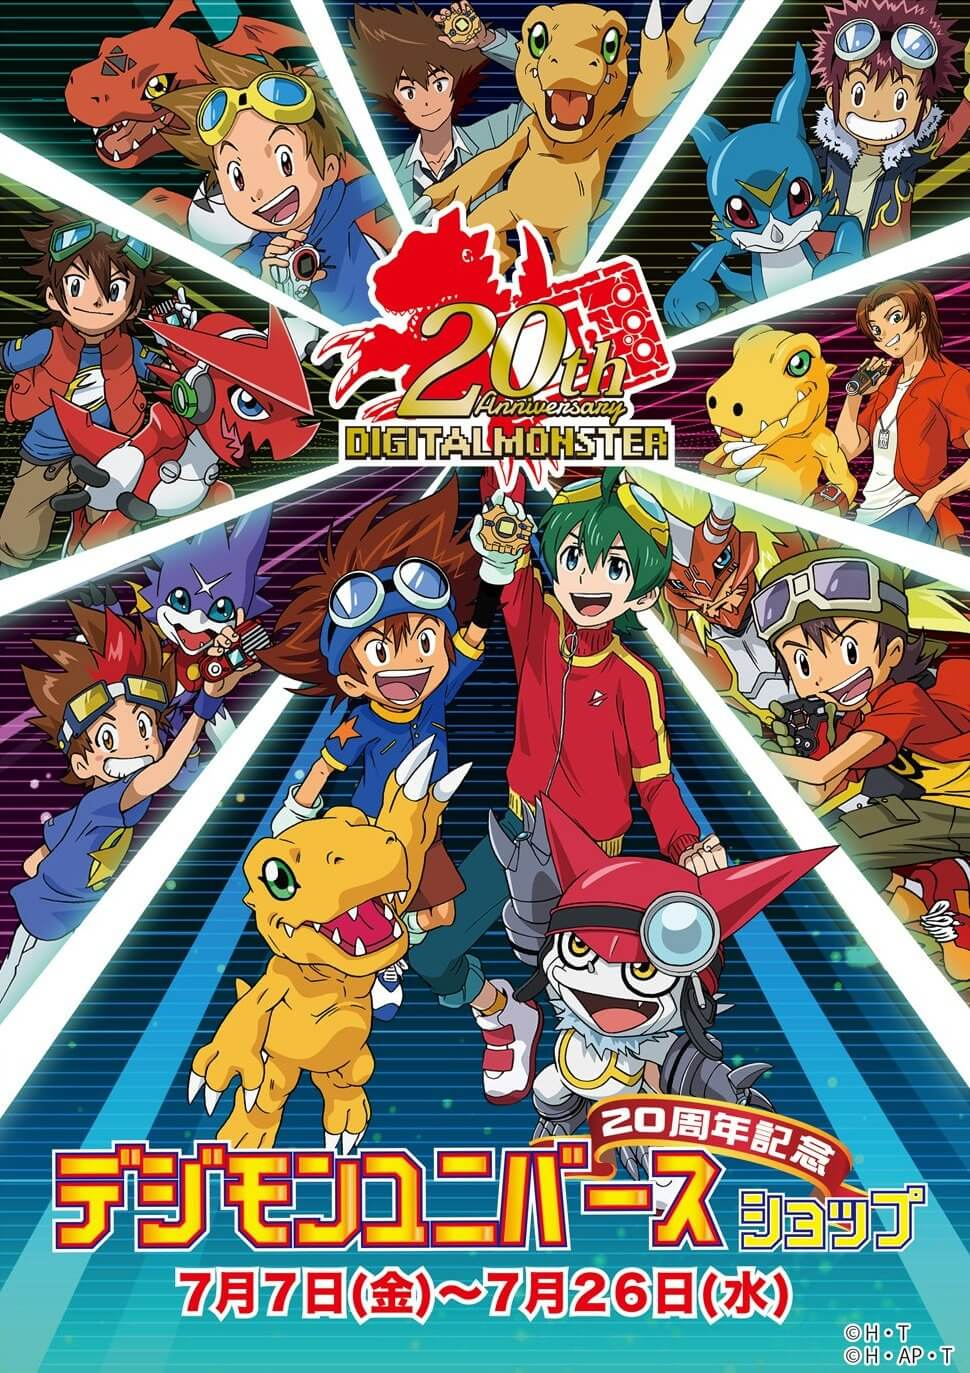 The Digimon Universe 20th Anniversary Shop!